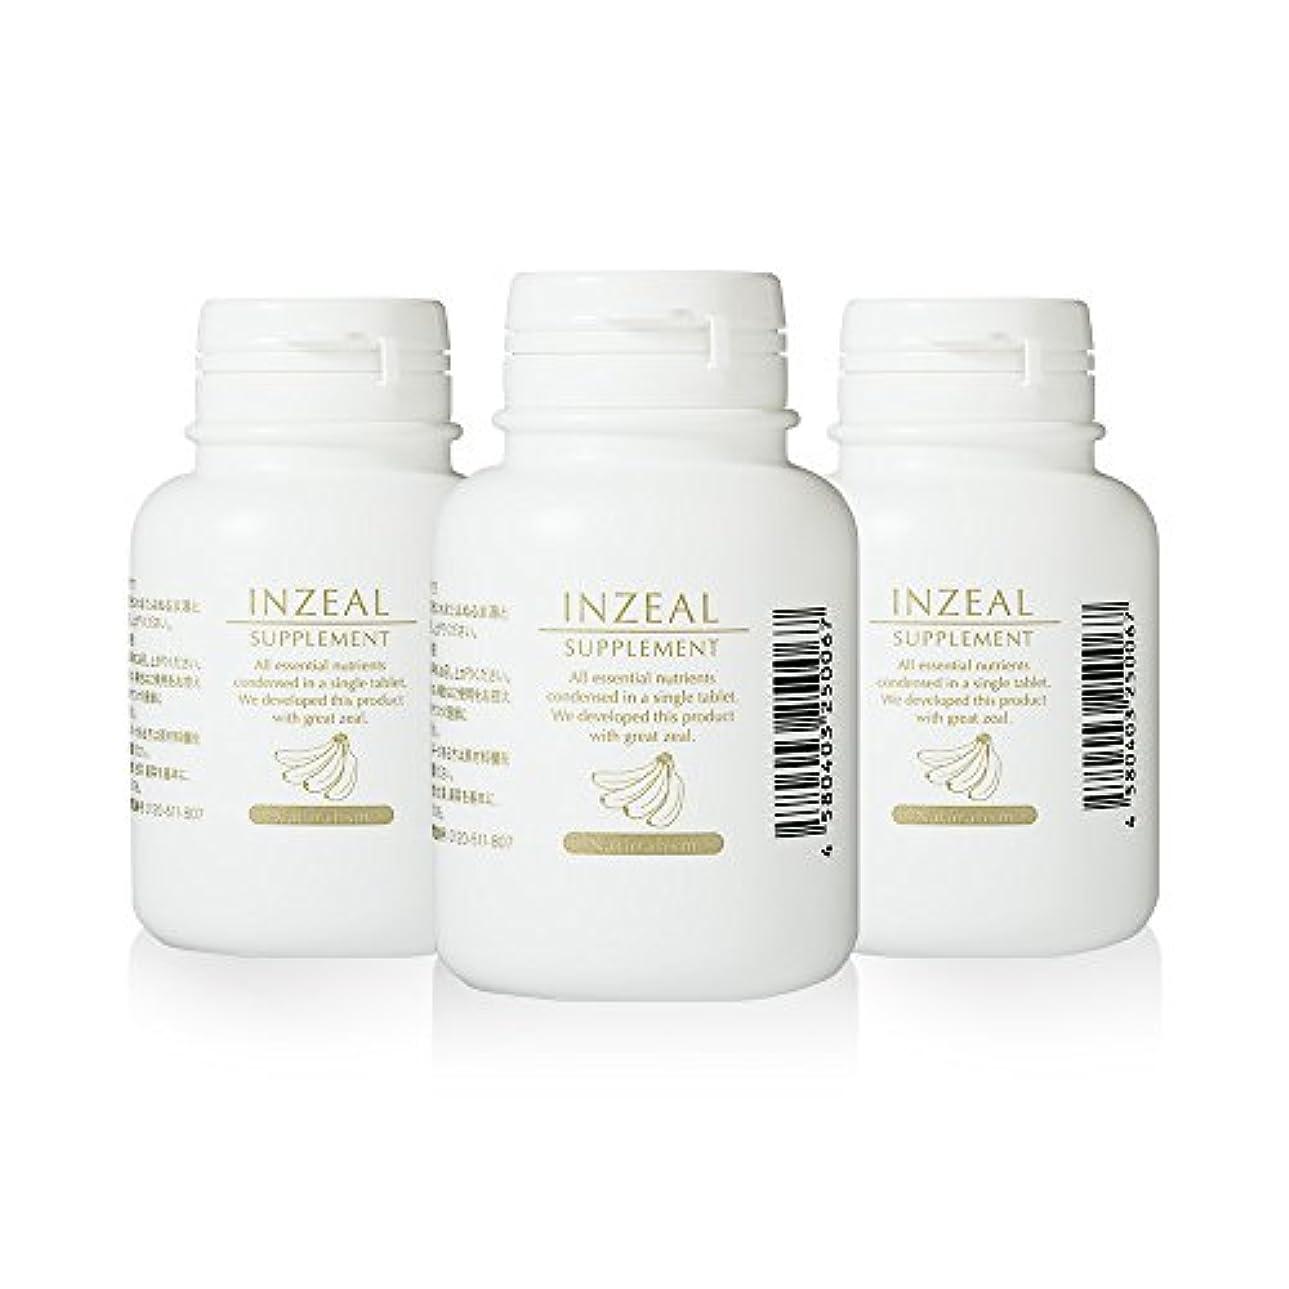 認識ふつう後継INZEAL サプリメント 90粒 3本セット